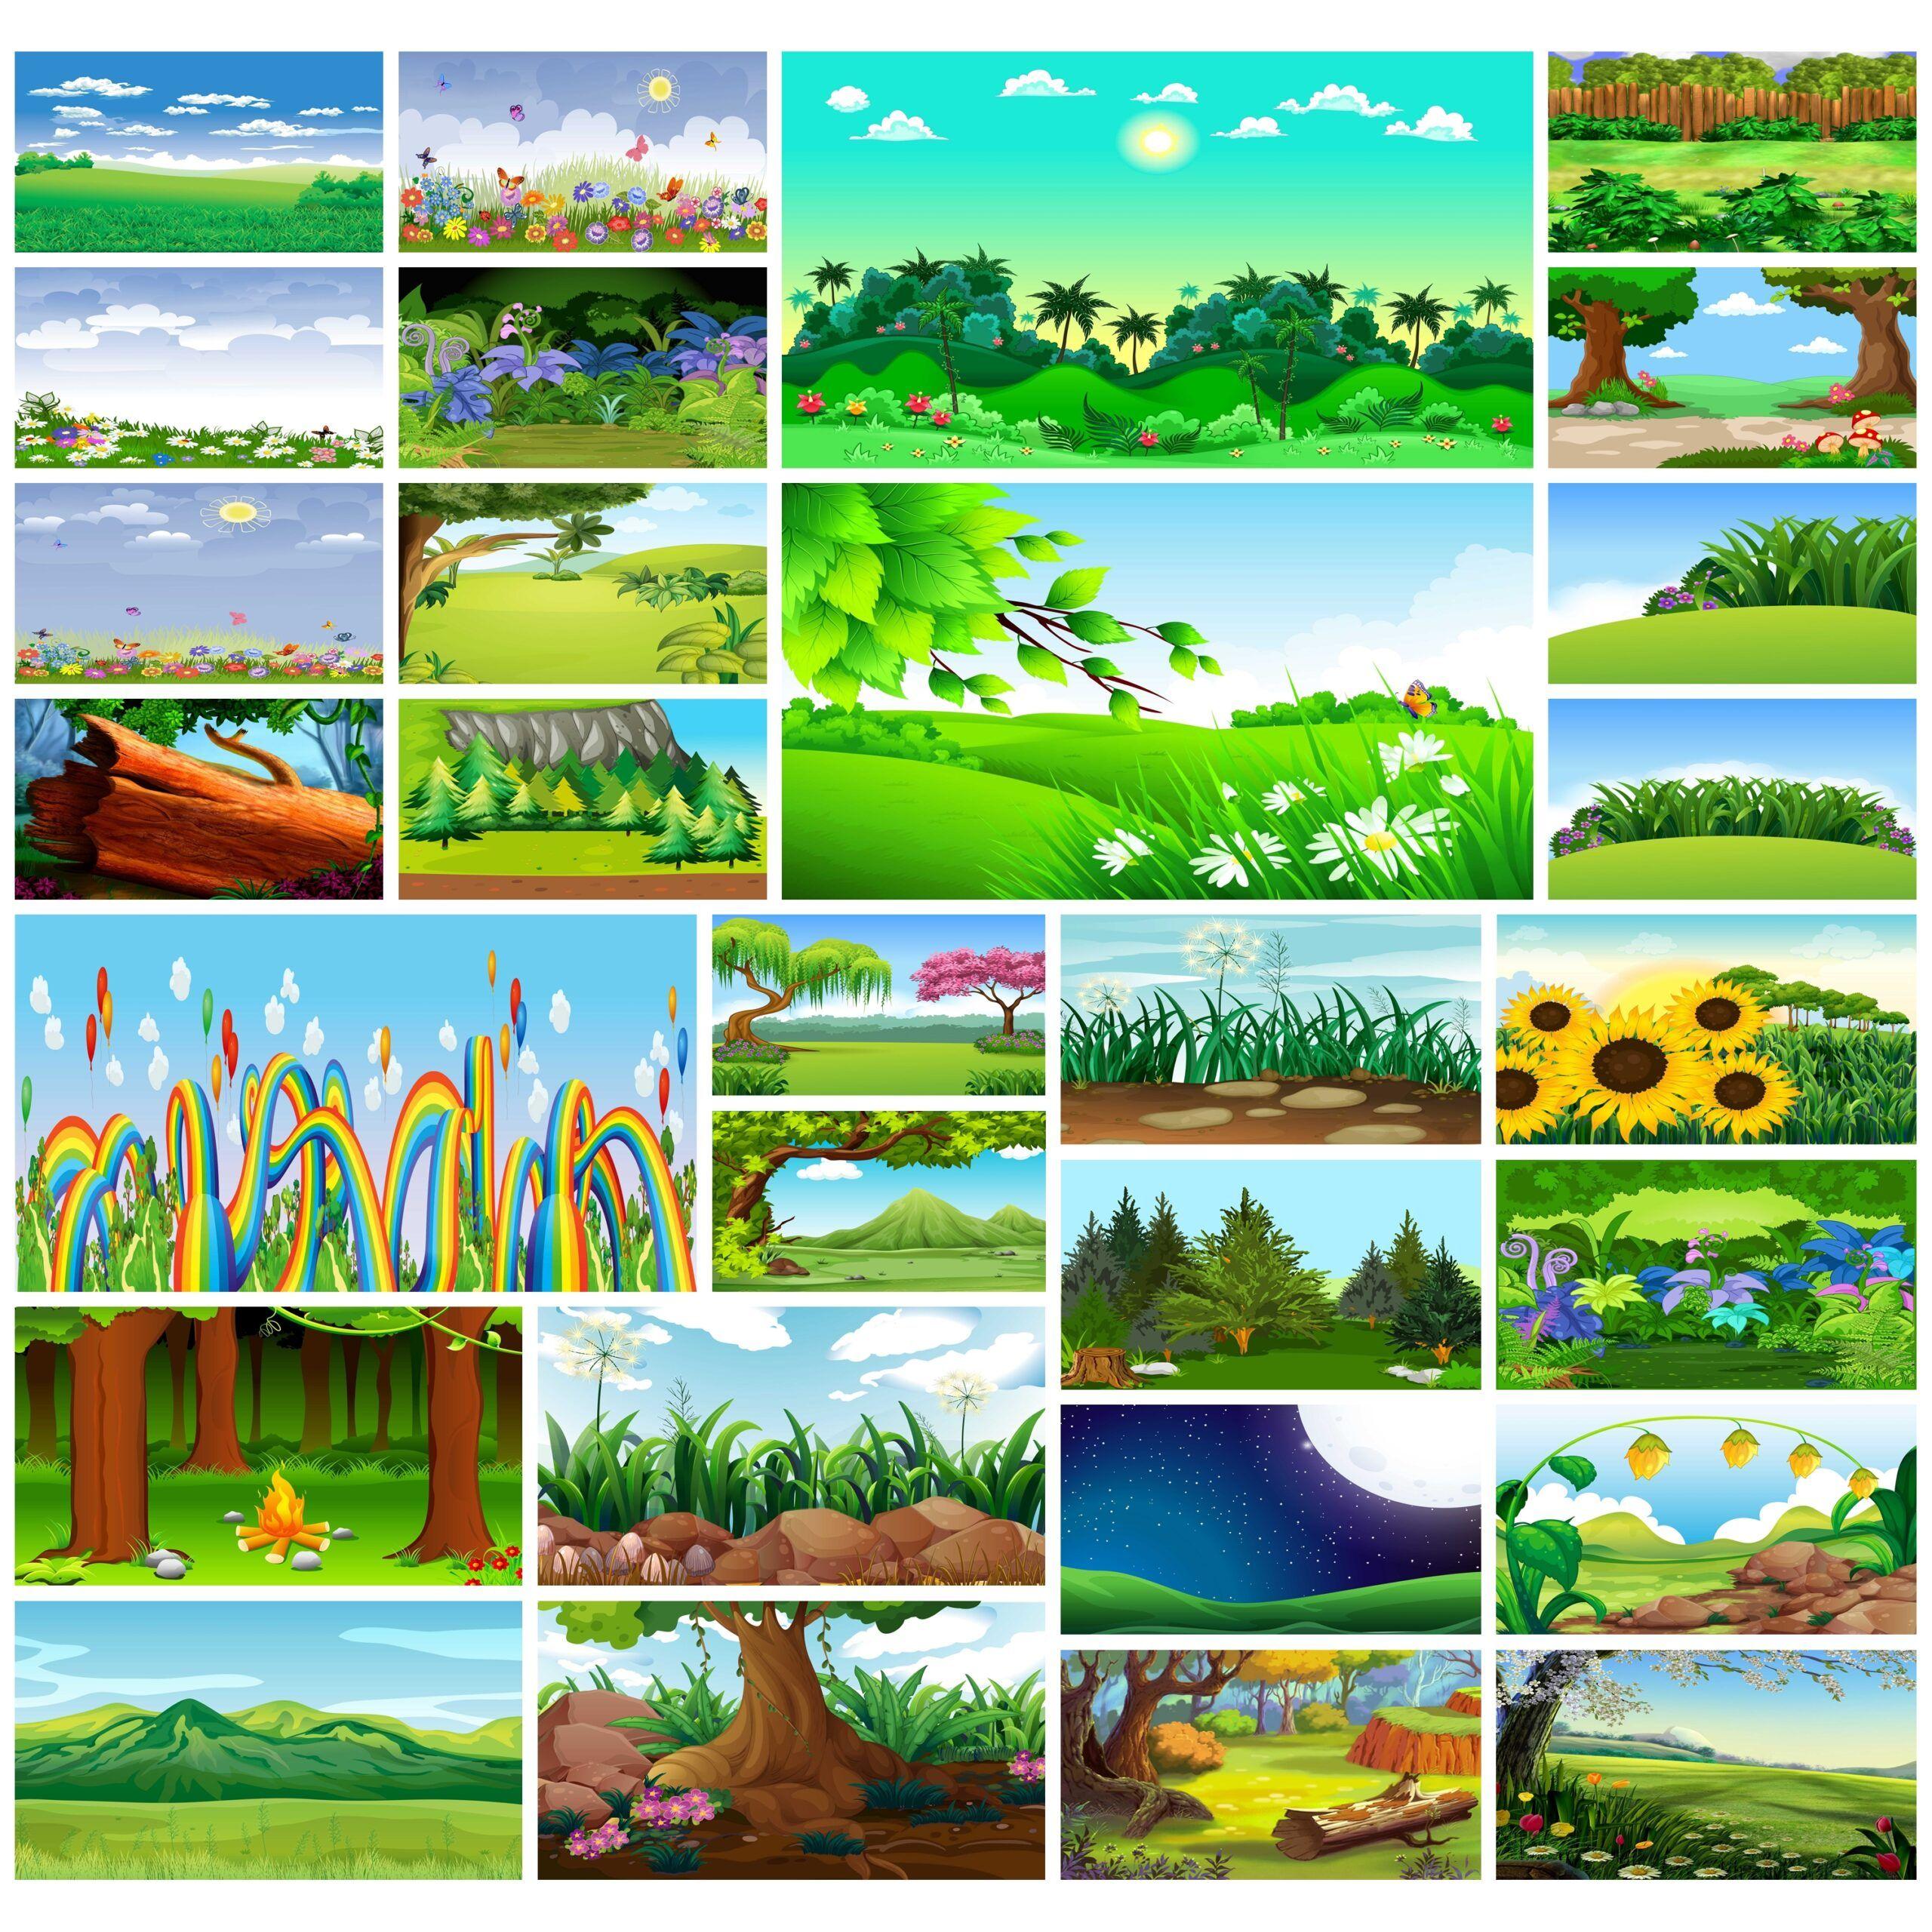 خلفيات بوربوينت 2020 Hd ناعمة وهادئة بدون حقوق Cool Powerpoint Backgrounds Powerpoint Background Design Anime Backgrounds Wallpapers